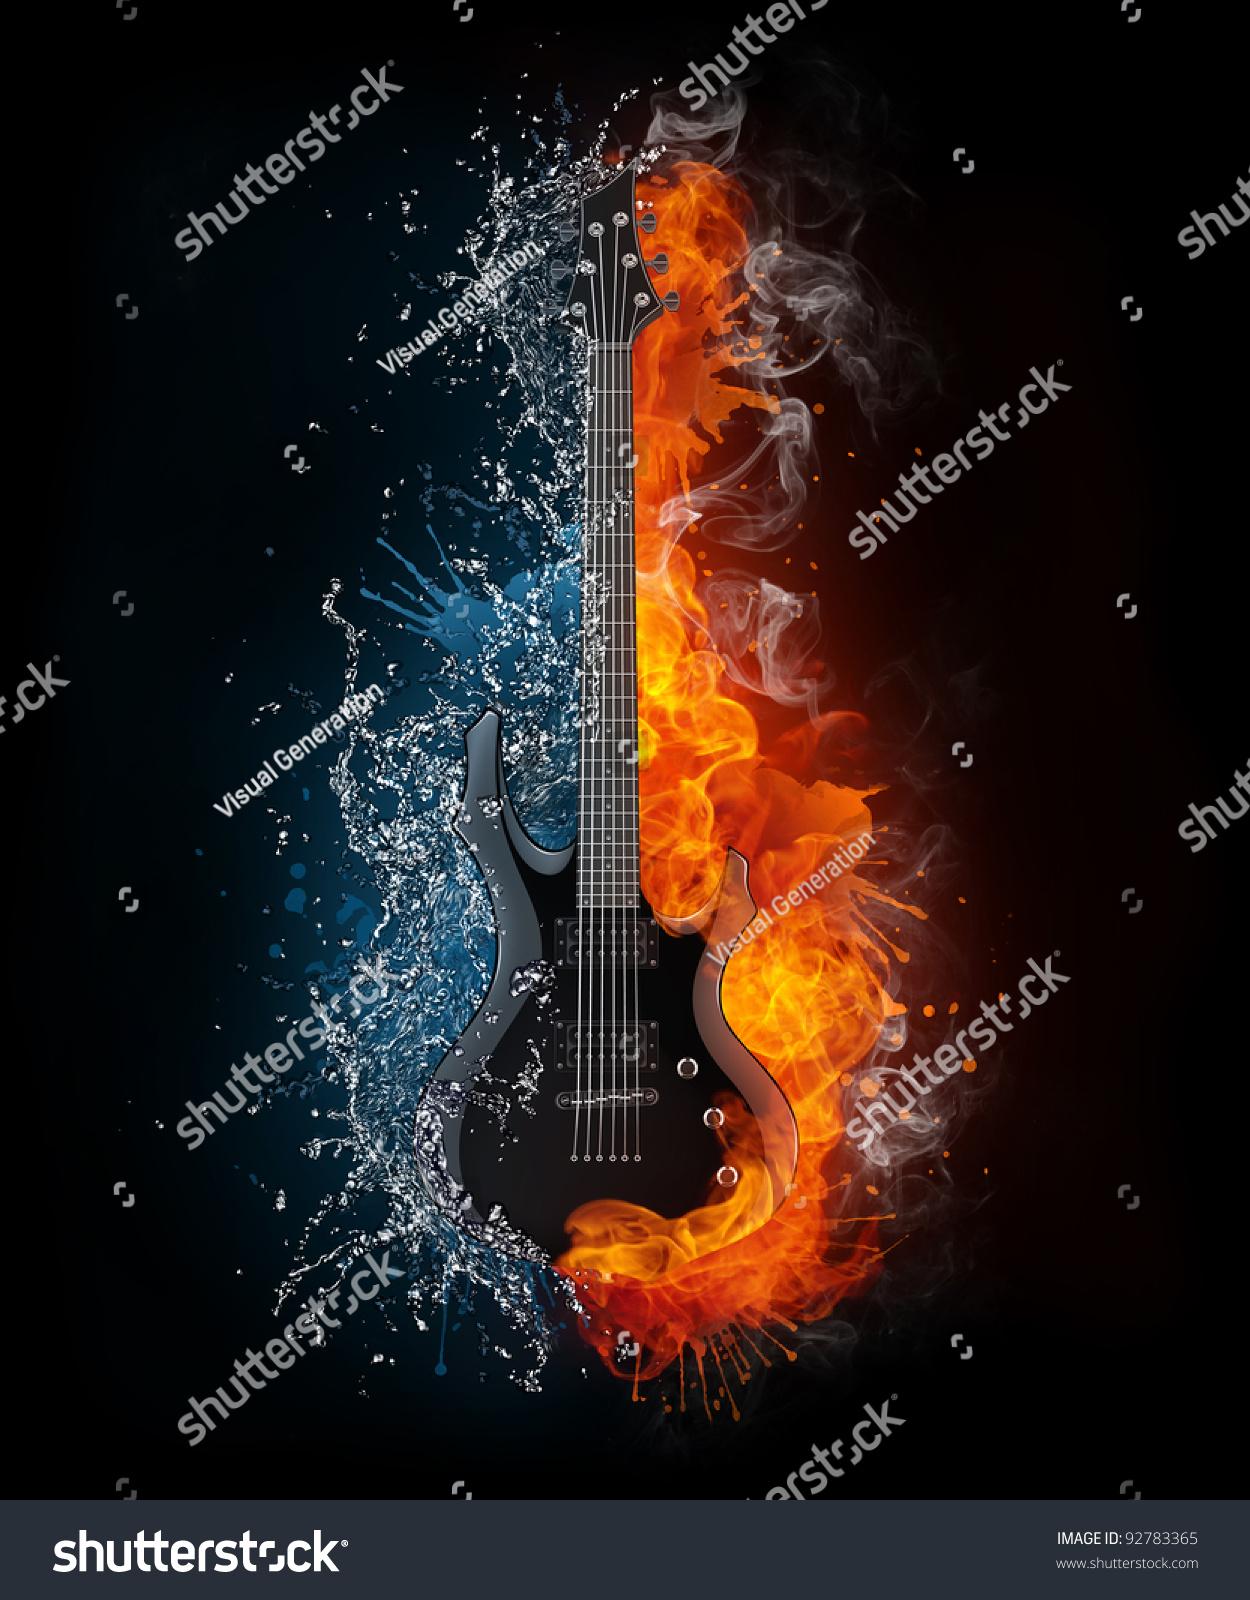 电吉他着火和水隔离在黑色背景.计算机图形学